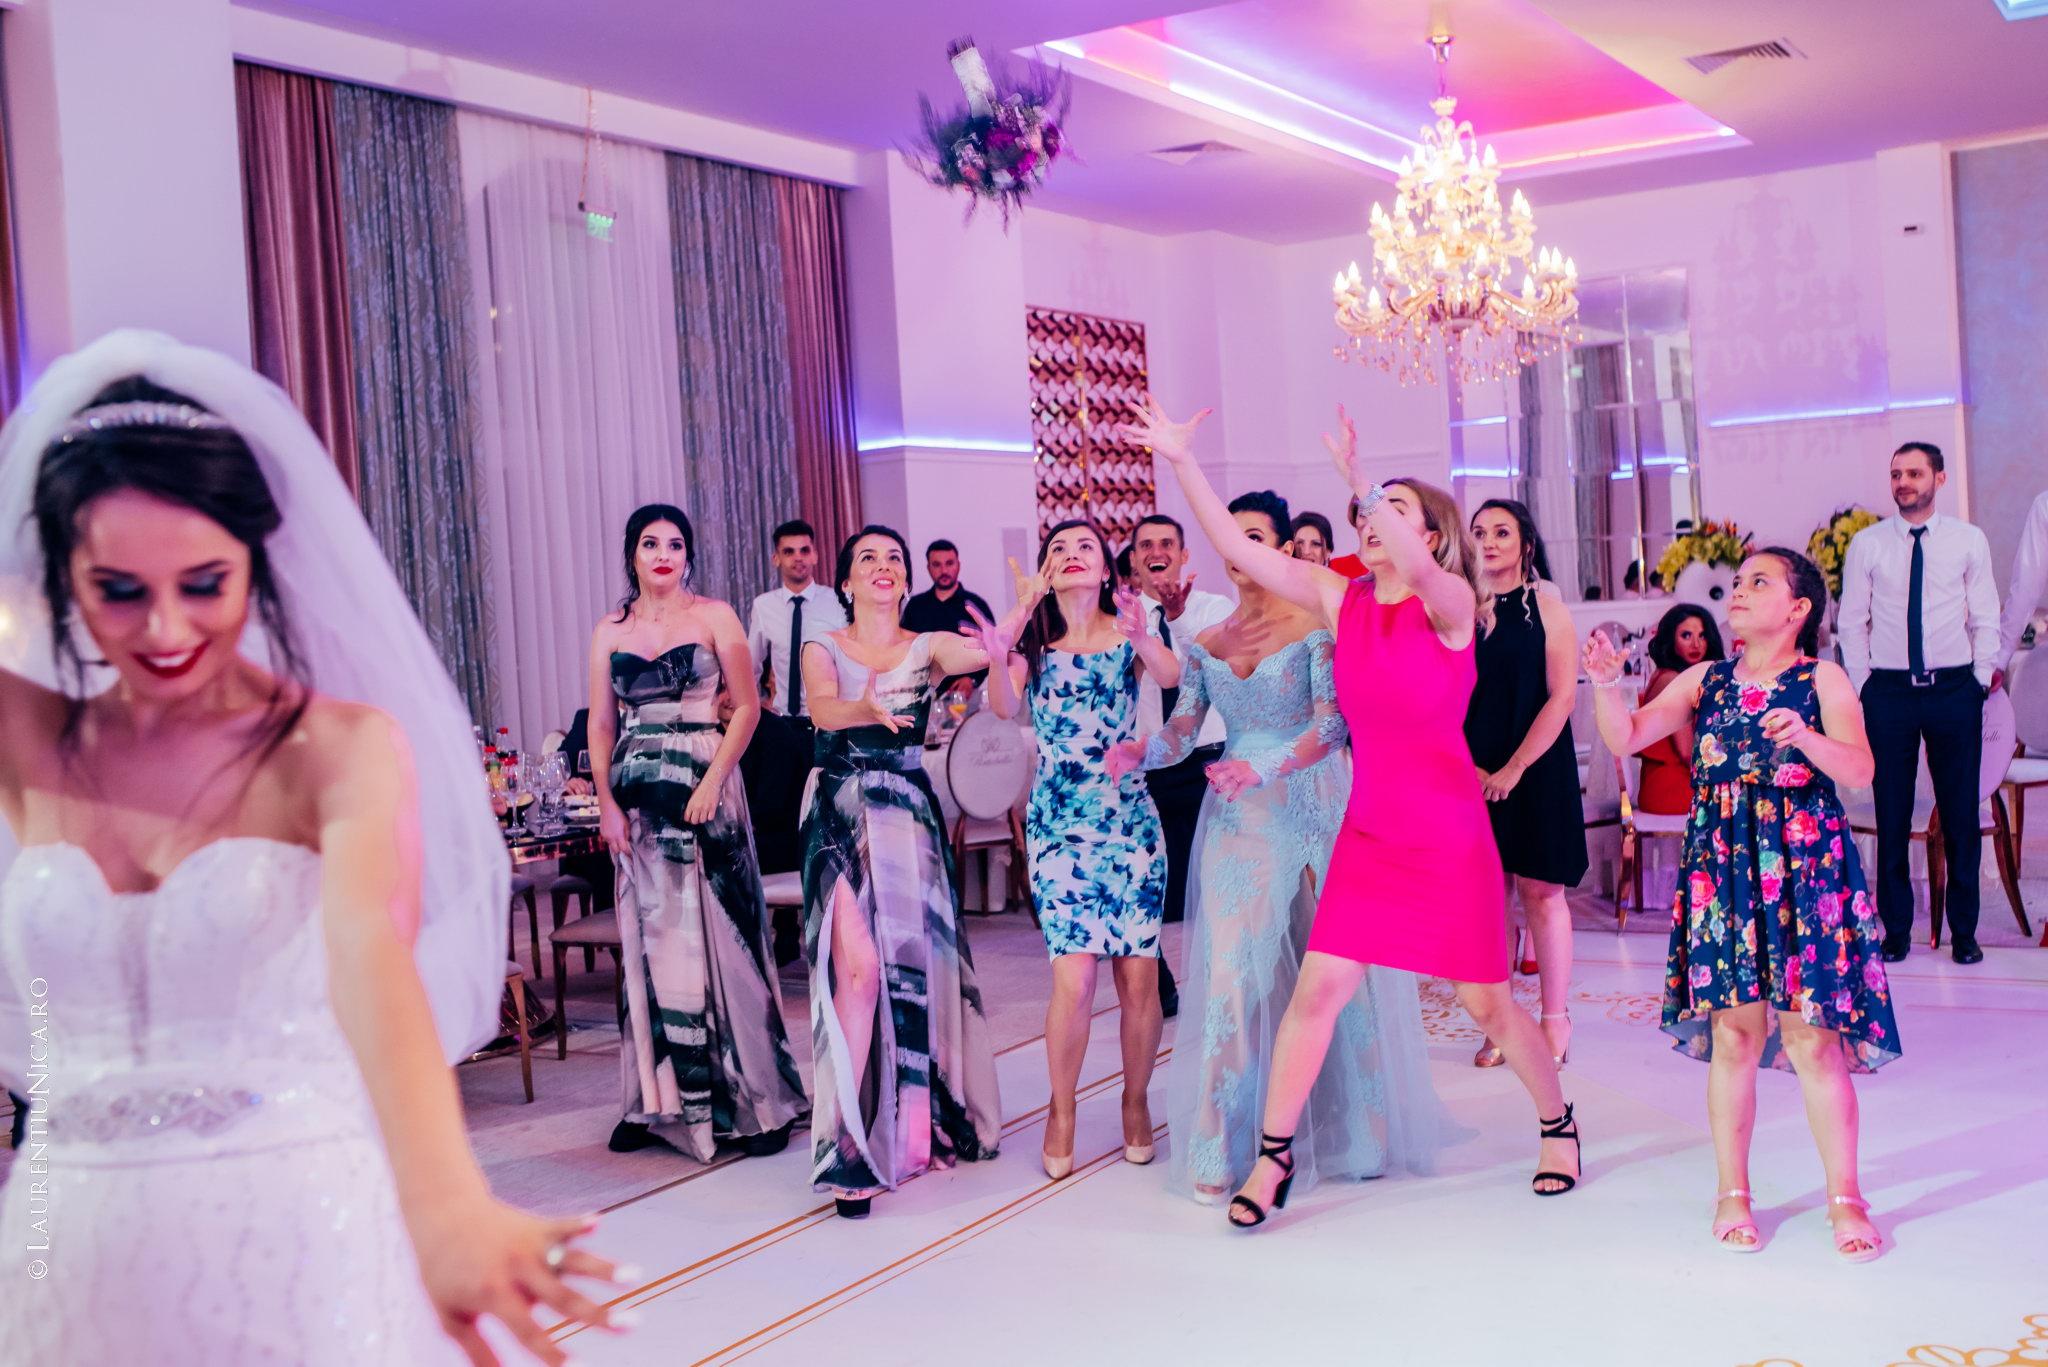 fotografii nunta denisa si florin craiova 45 - Denisa & Florin | Fotografii nunta | Craiova